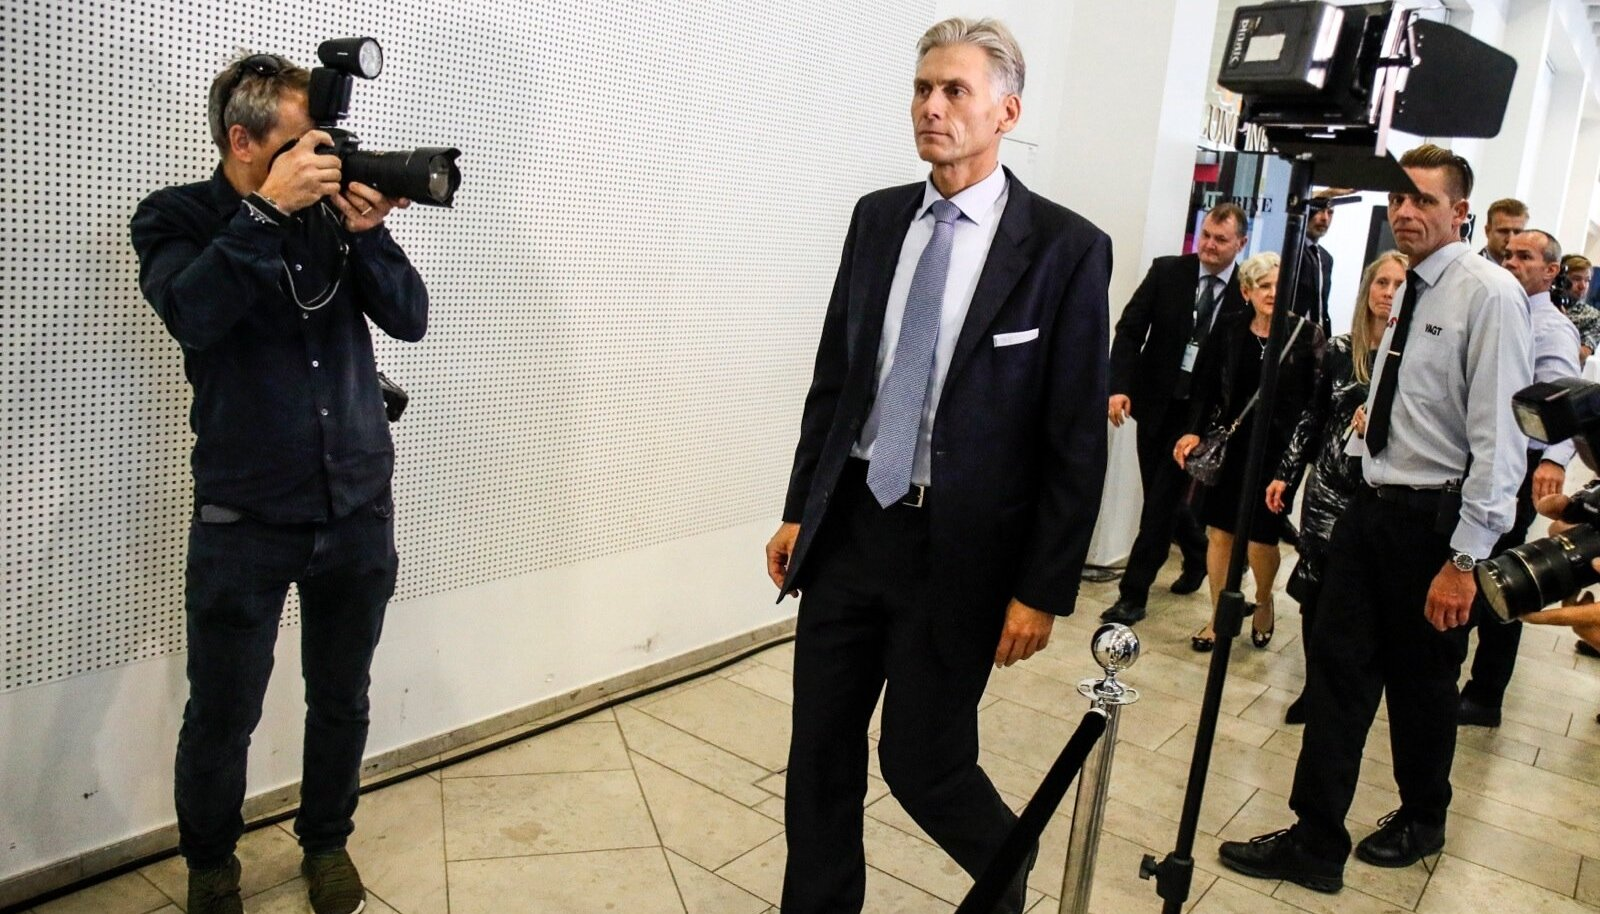 Danske Banki juht Thomas Borgen lahkumas 2018. aastal panga pressikonverentsilt, kus ta selgitas koha mahapanekut